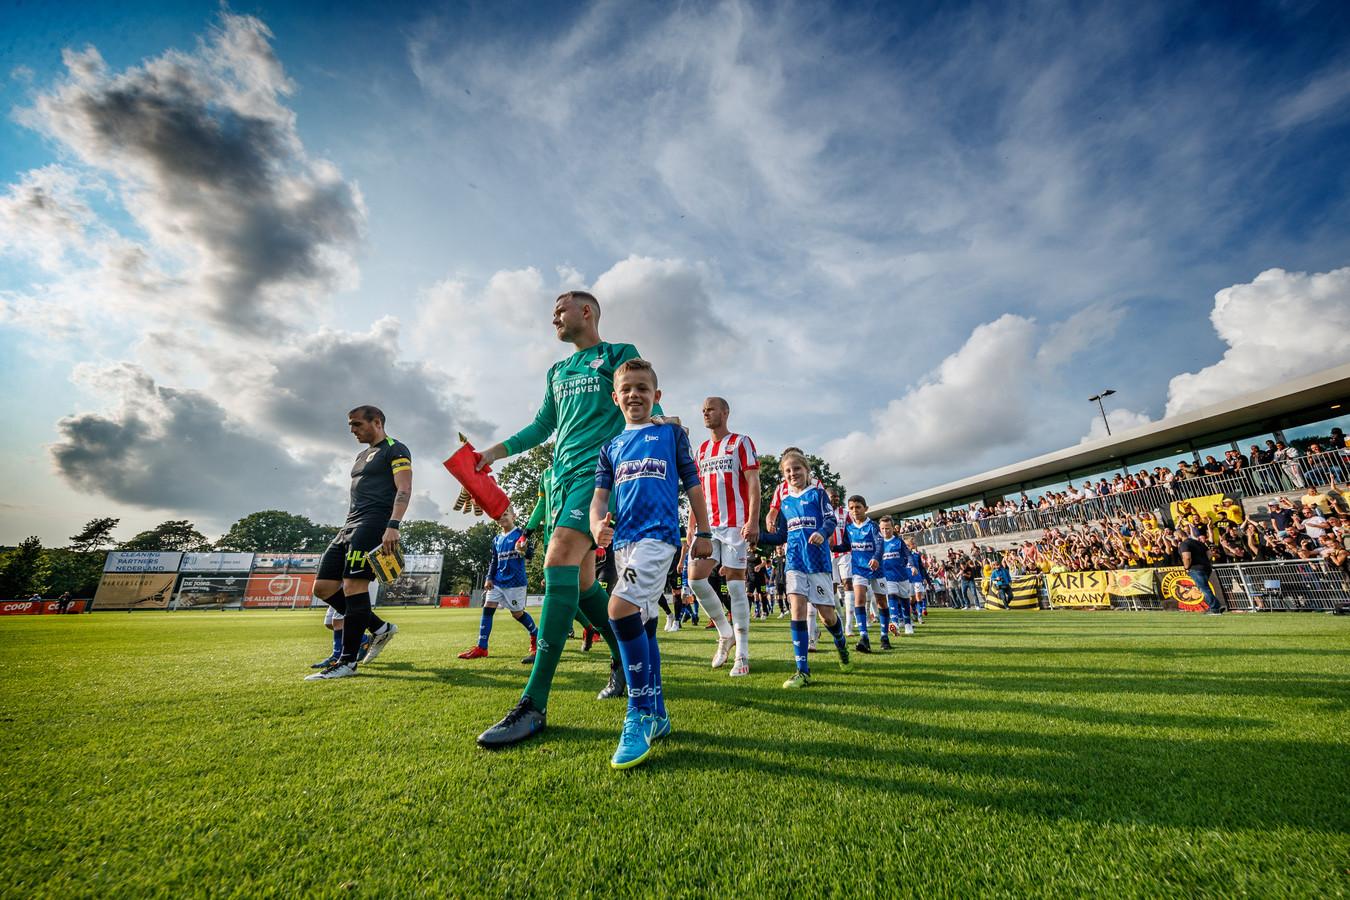 Oosterhout - 12-7-2019 - Foto: Pix4Profs/Marcel Otterspeer - PSV en het Griekse Aris Saloniki speelden vanavond een oefenwedstrijd op het complex van voetbalclub TSC in Oosterhout.  25 dolgelukkige kinderen in Oosterhout mochten aan de hand van de spelers het veld betreden.